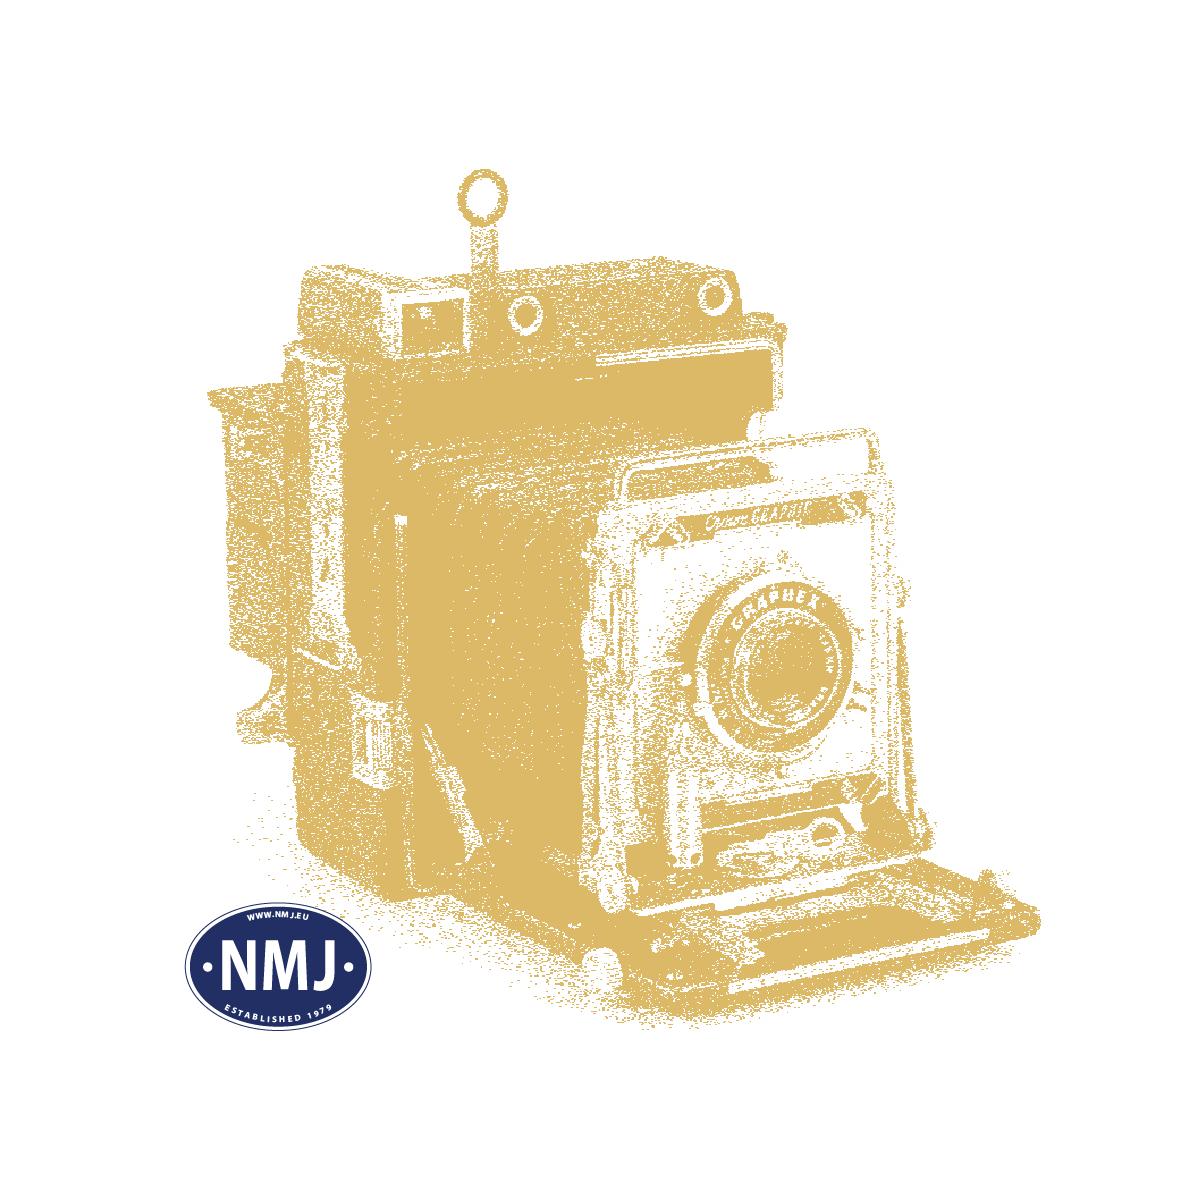 NMJT90020 - NMJ Topline NSB Di3a 626, Rot/Schwarz, DCC m/ Sound